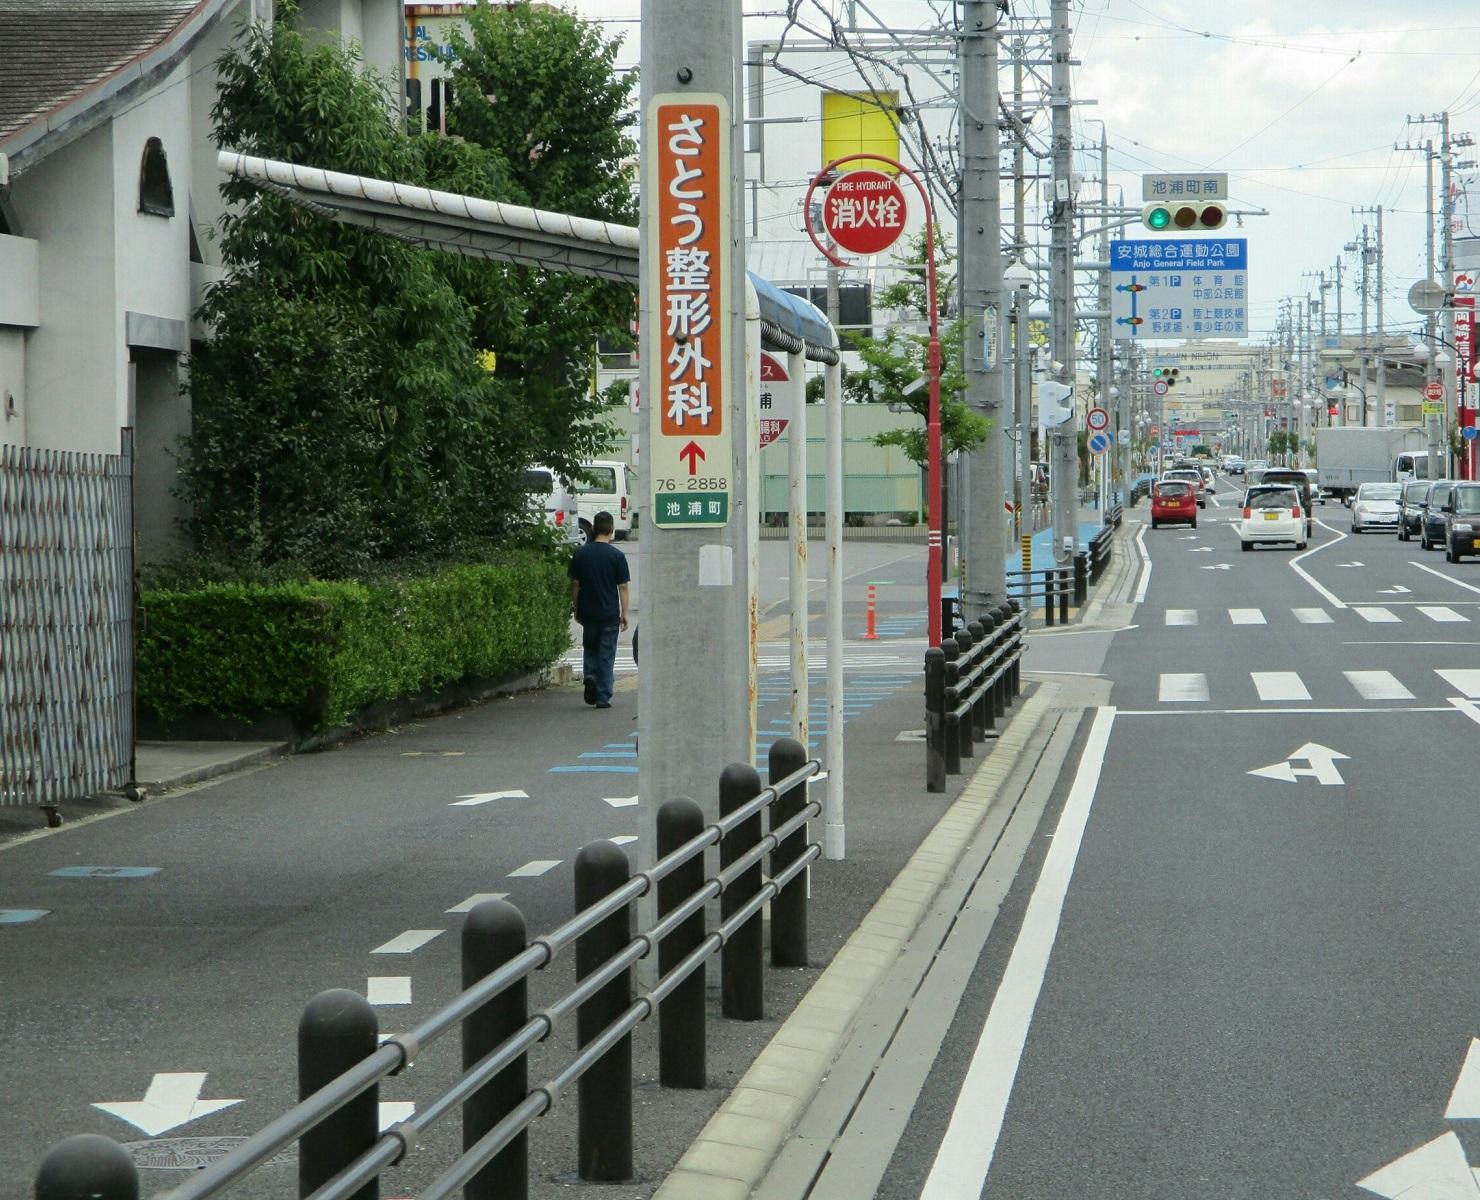 2018.6.12 (3) 更生病院いきバス - 池浦 1480-1200